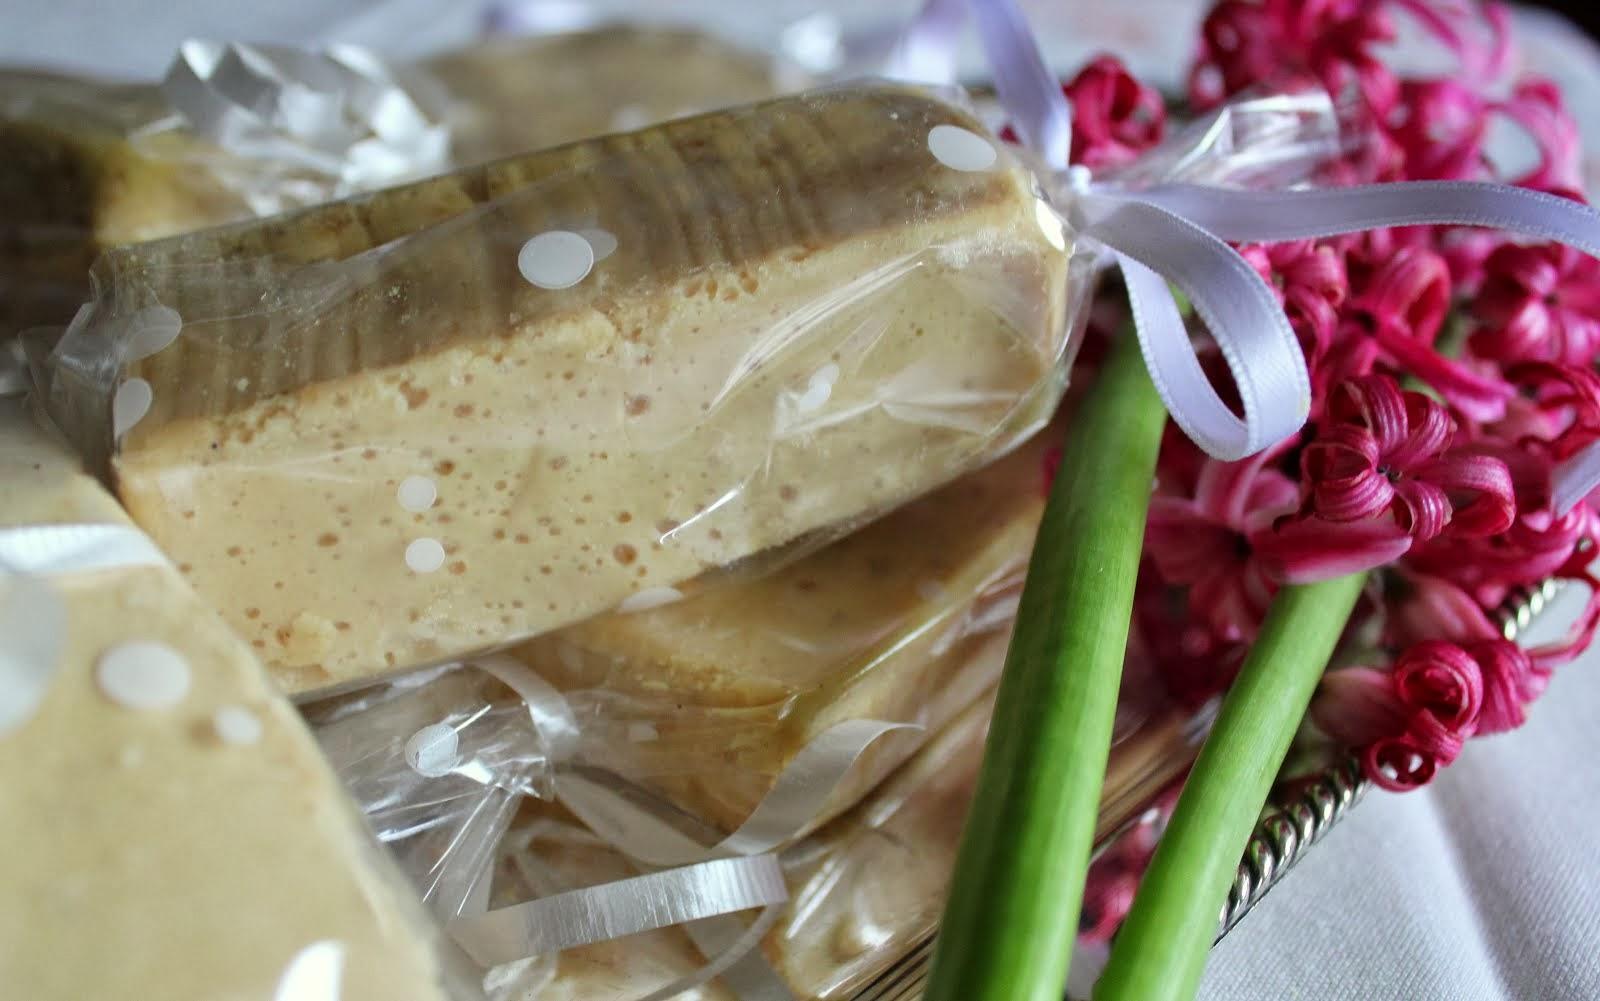 Ganadoras Concurso de recetas salud y belleza Que Sea de Huelva